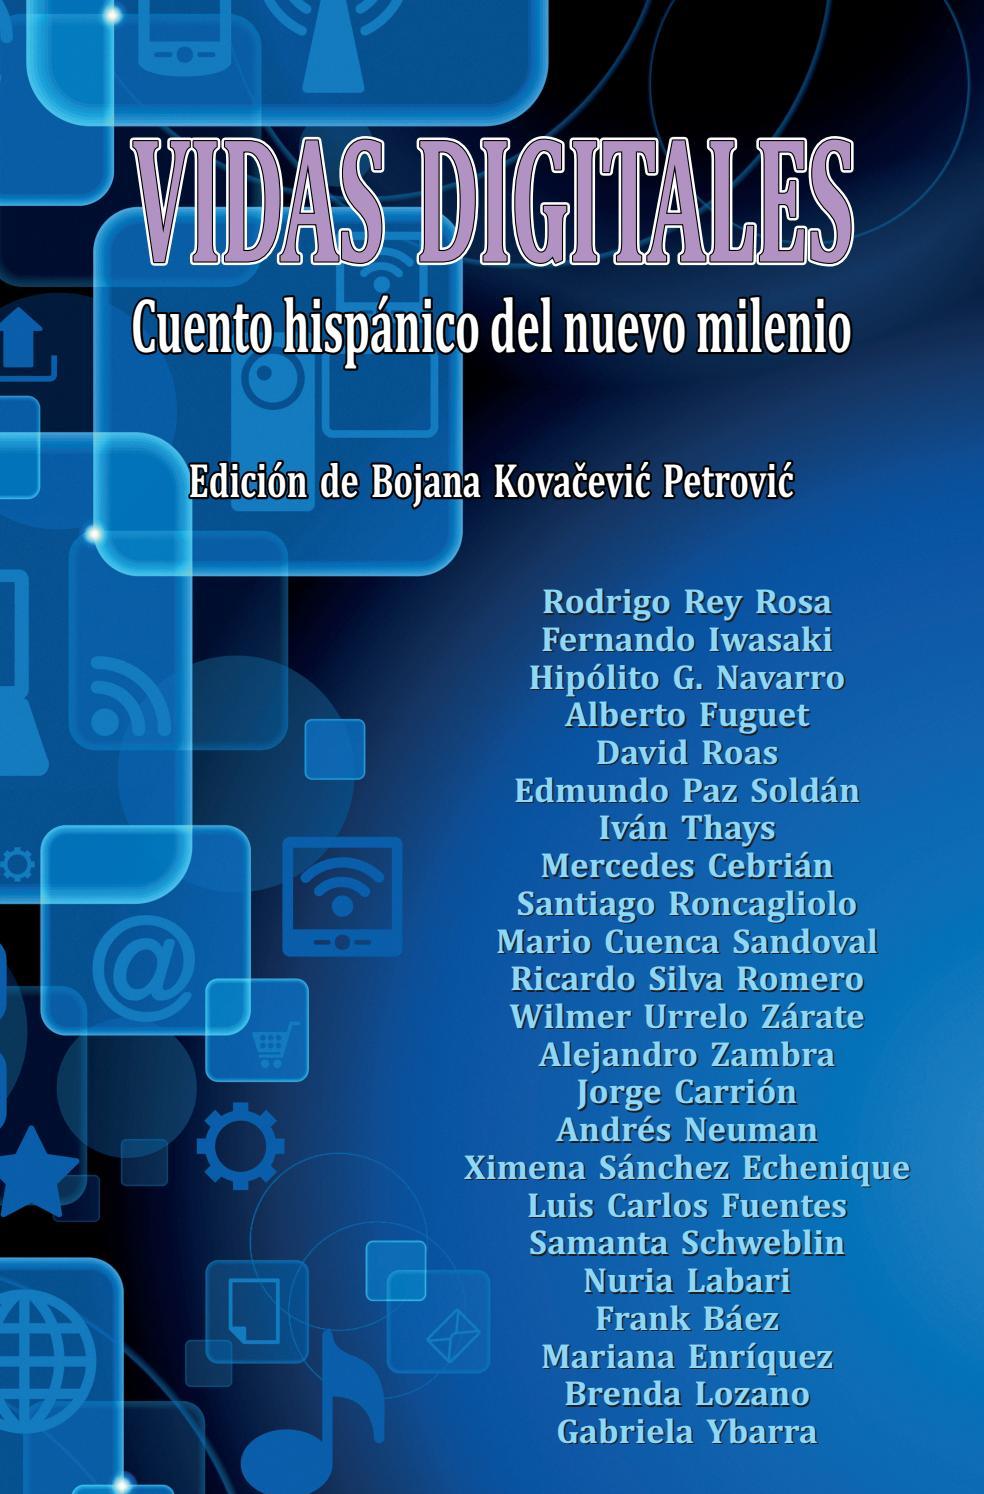 Vidas digitales. Cuento hispánico del nuevo milenio by AECID ...